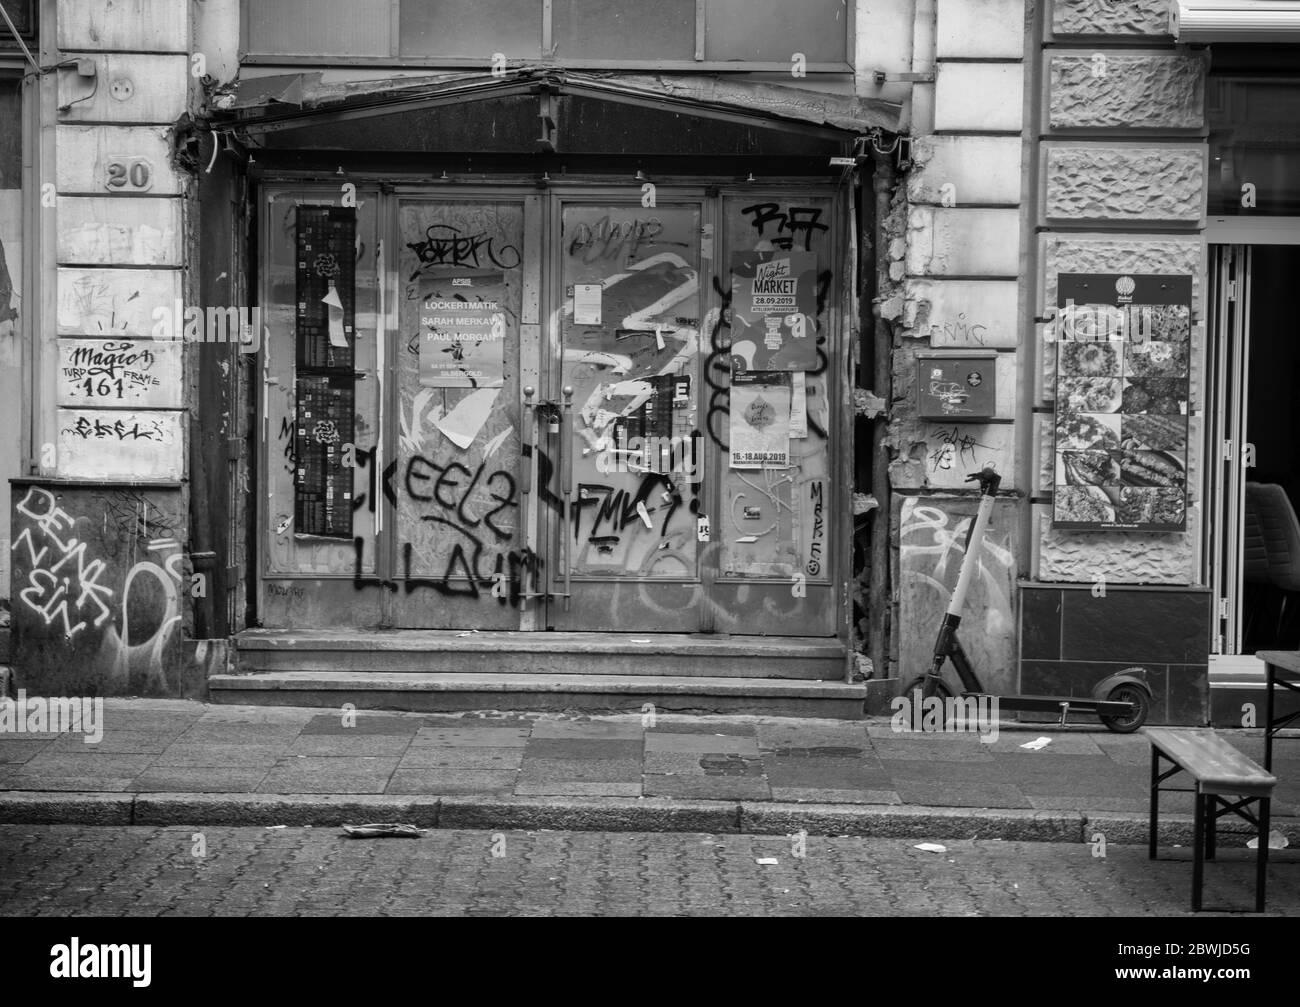 Image monochrome d'une porte inconnue dans un bâtiment vide, Francfort, Allemagne Banque D'Images